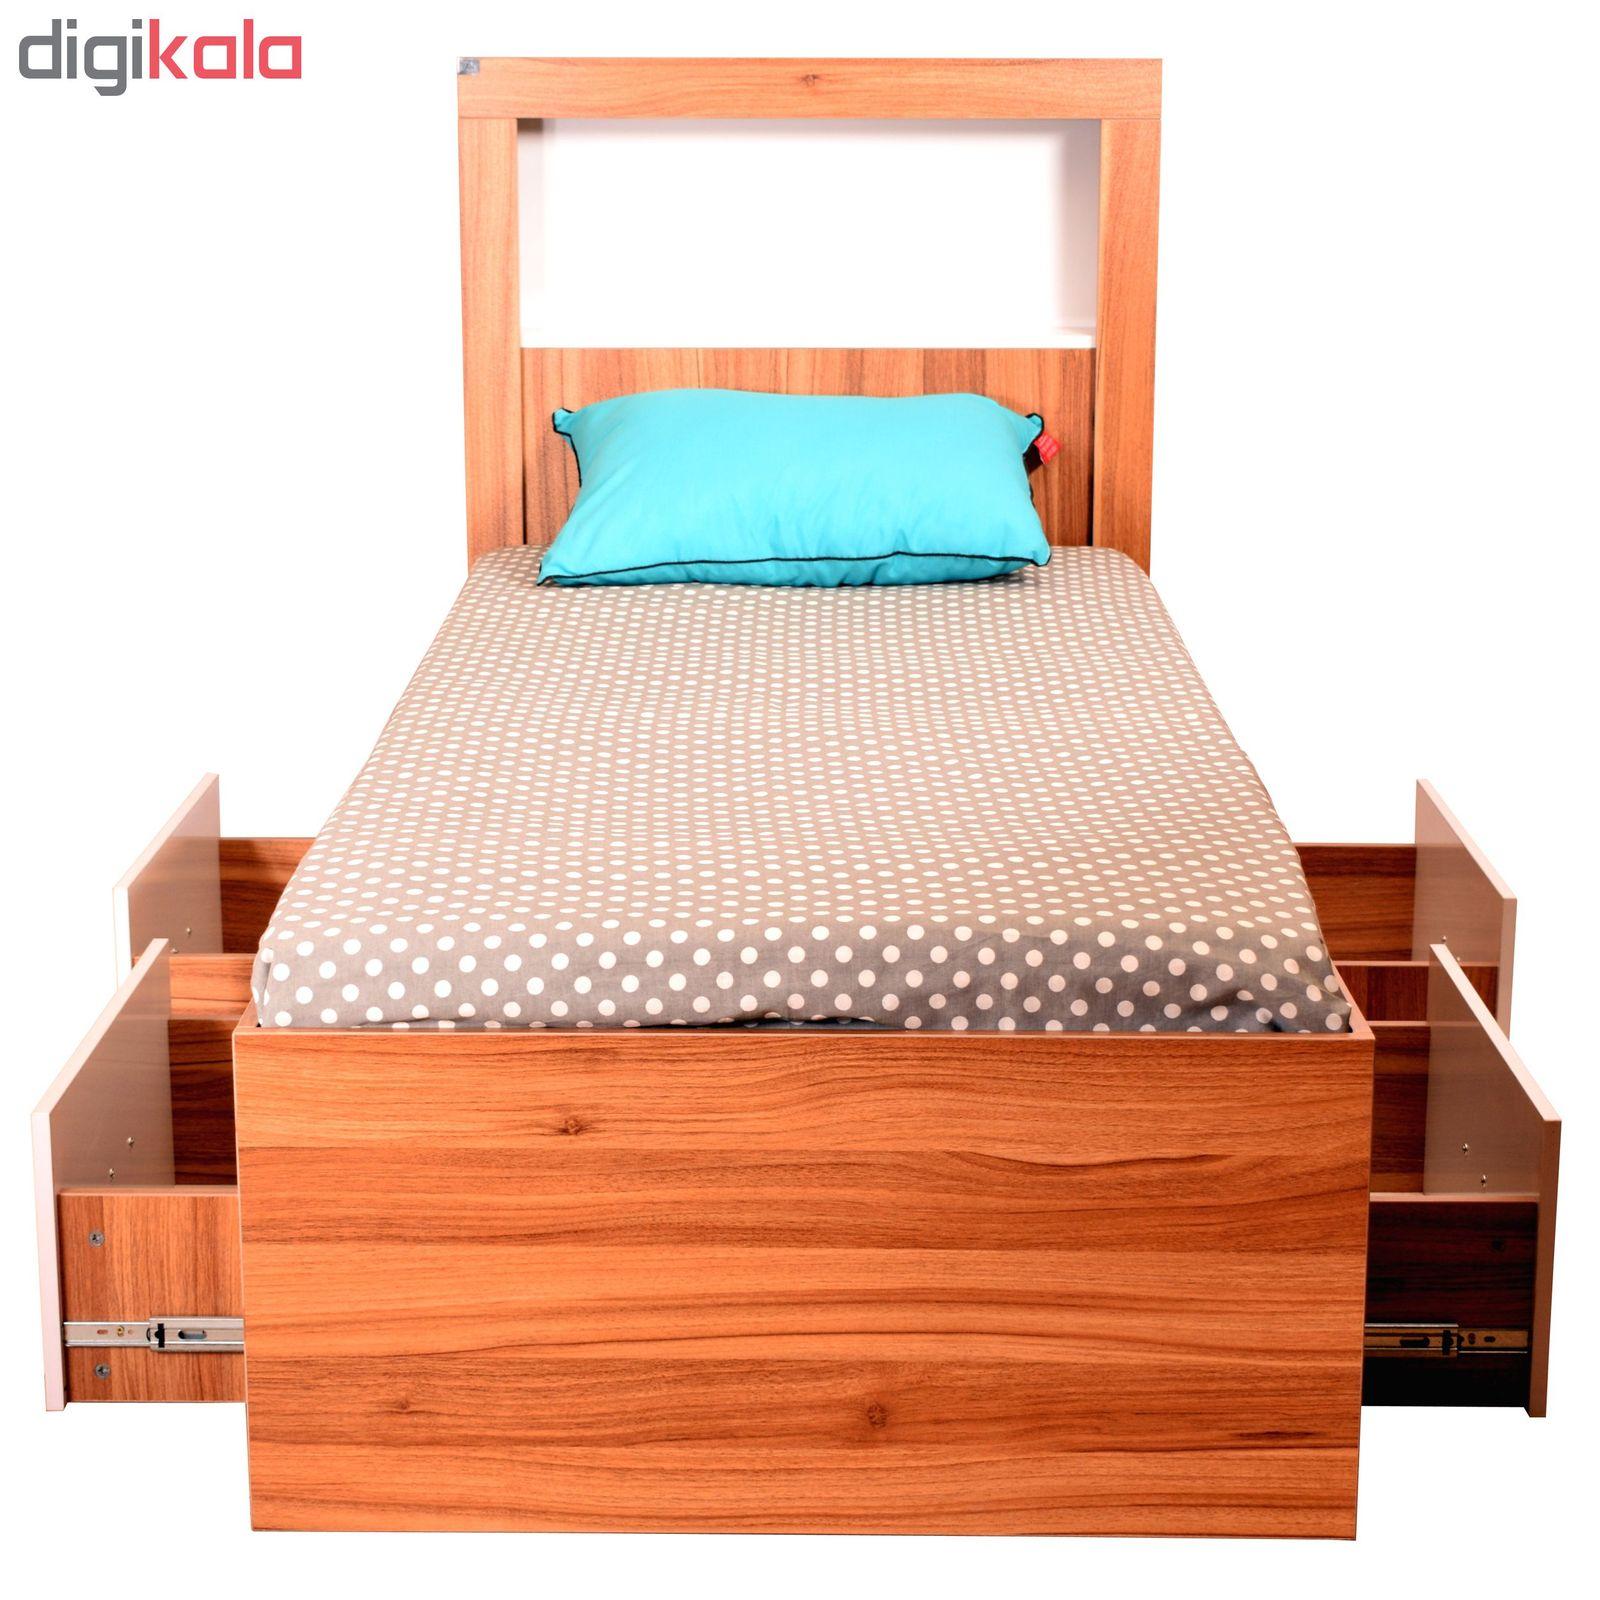 تخت خواب یک نفره لمکده مدل دلارا سایز 211*94 سانتی متر main 1 2